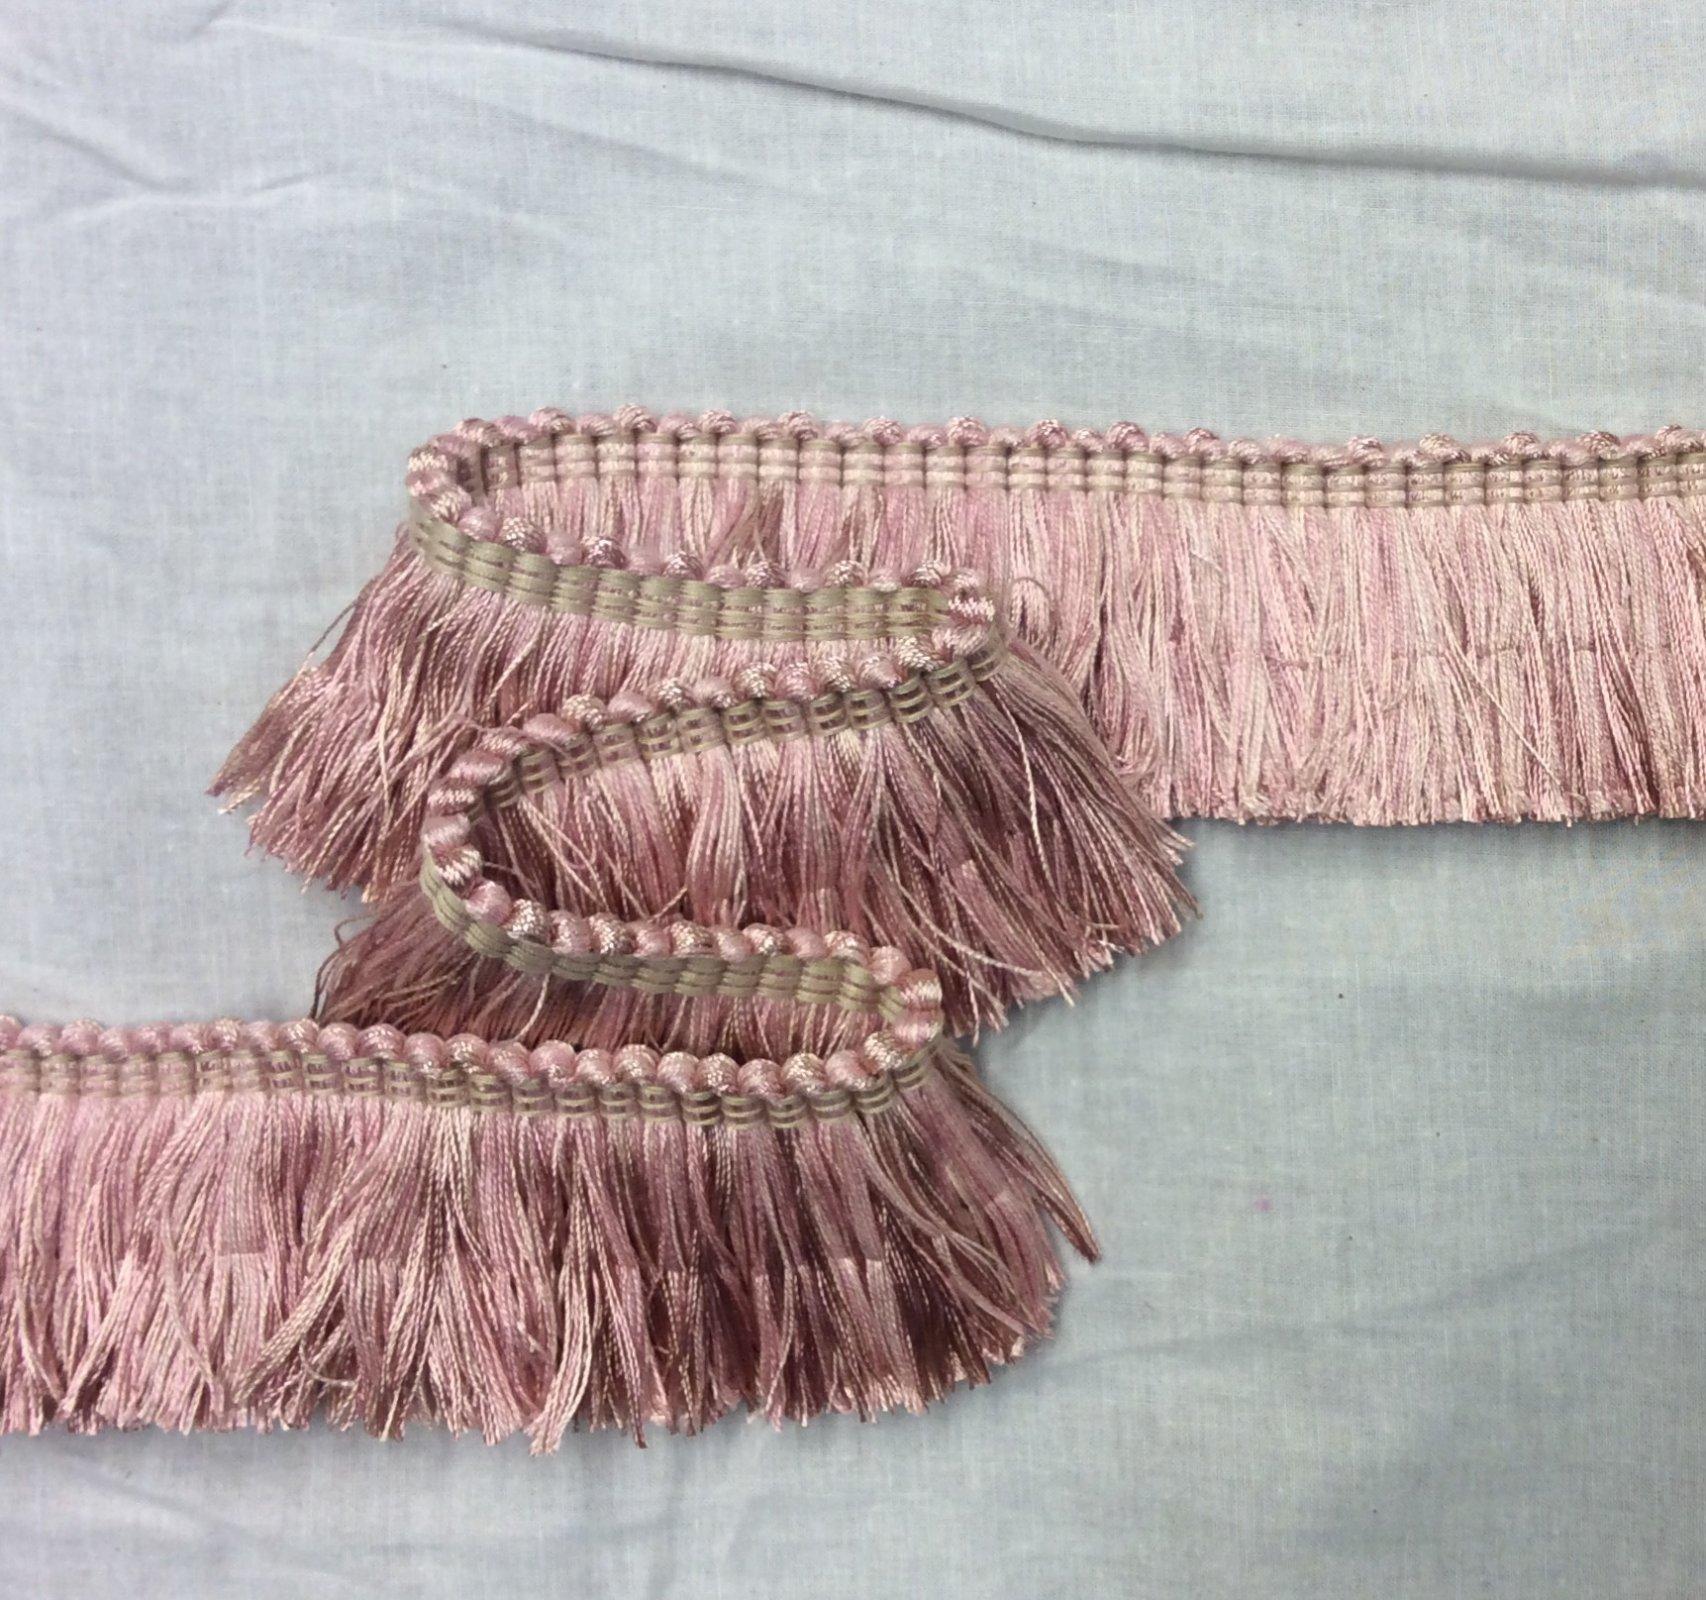 Flamingo Pink Blush 2 Brushed Fringe Home Decor Upholstery Trim EPTX88